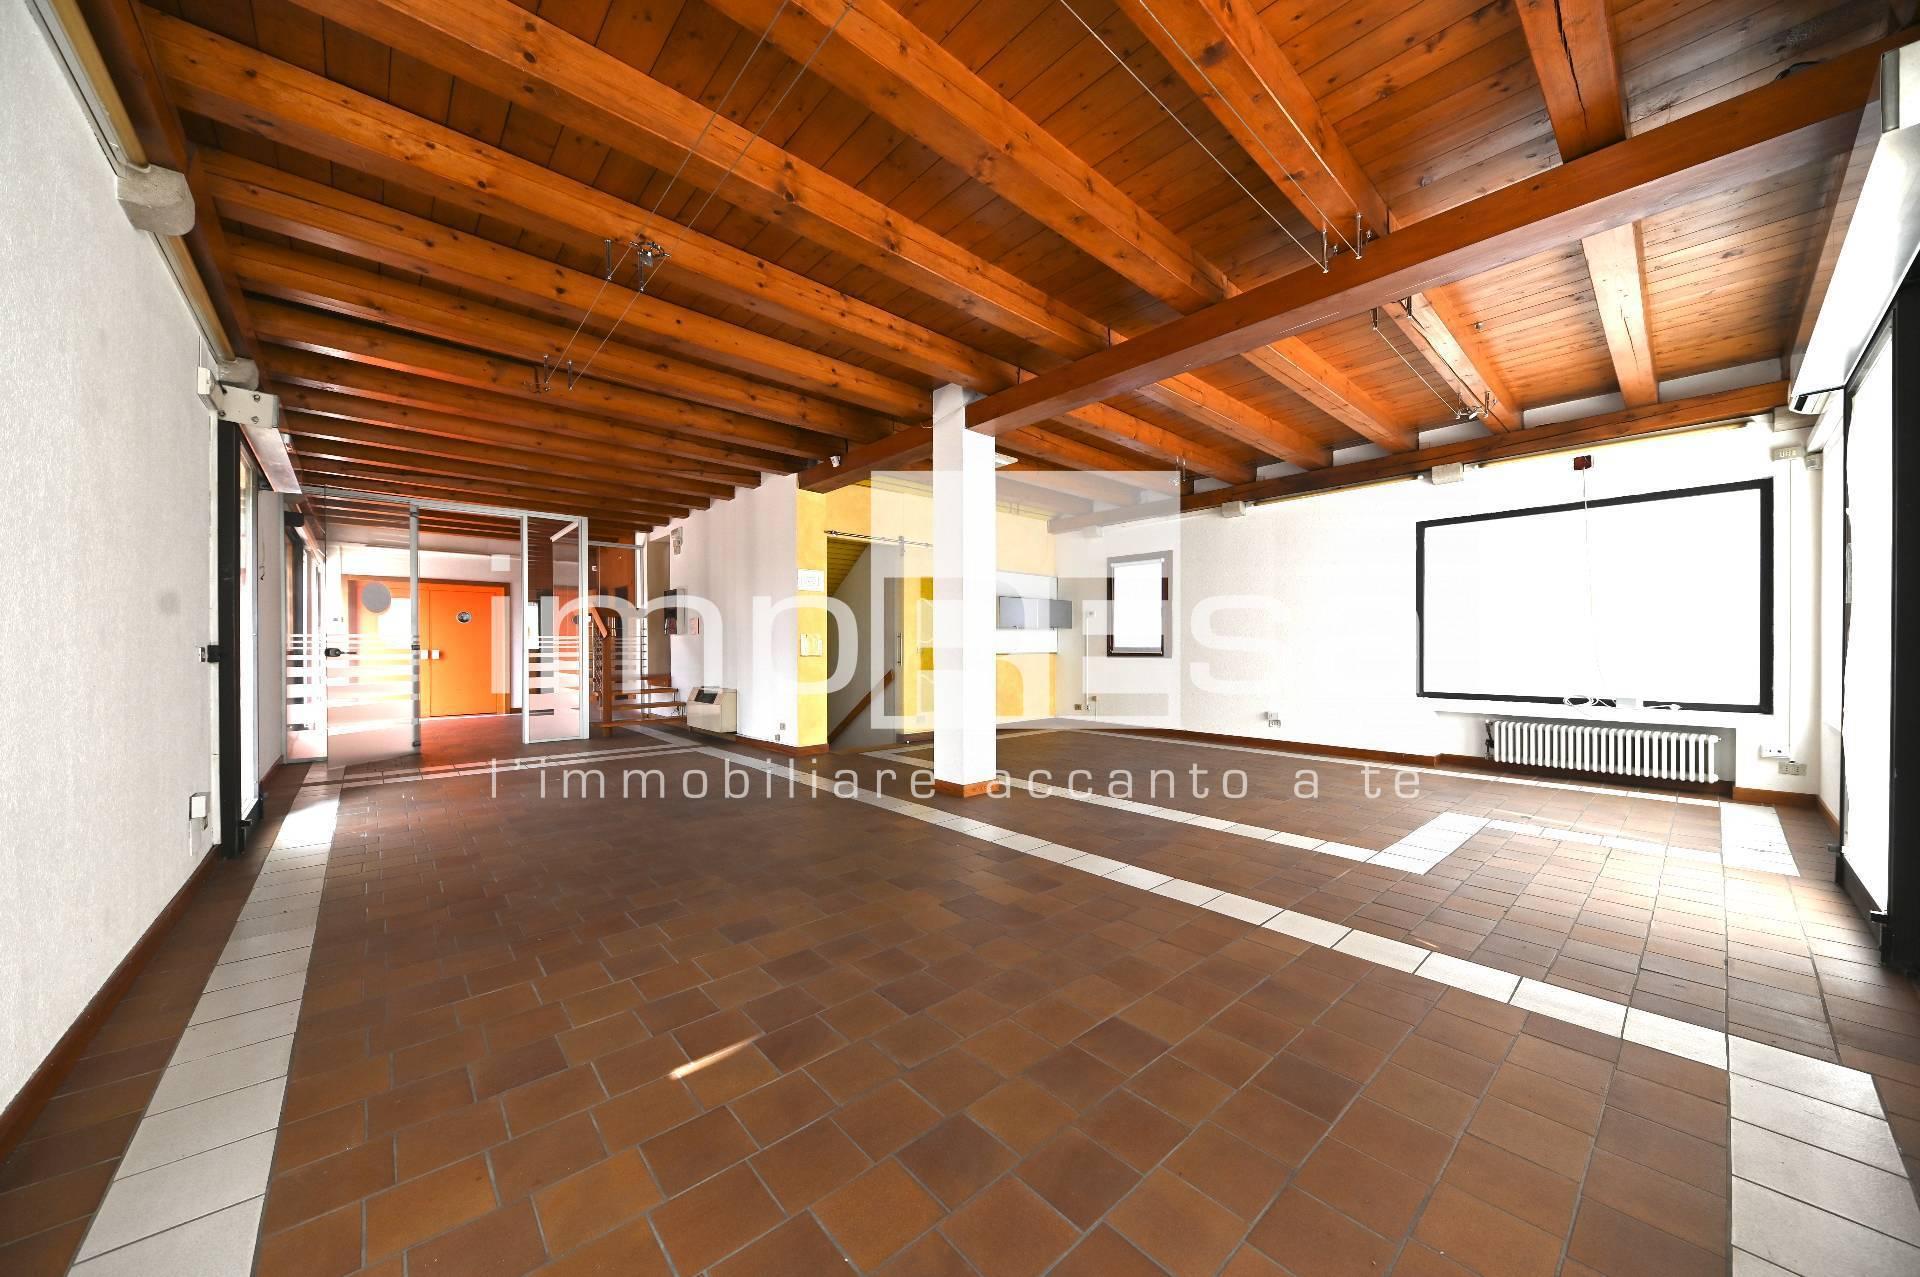 Negozio / Locale in vendita a Preganziol, 9999 locali, prezzo € 450.000 | CambioCasa.it